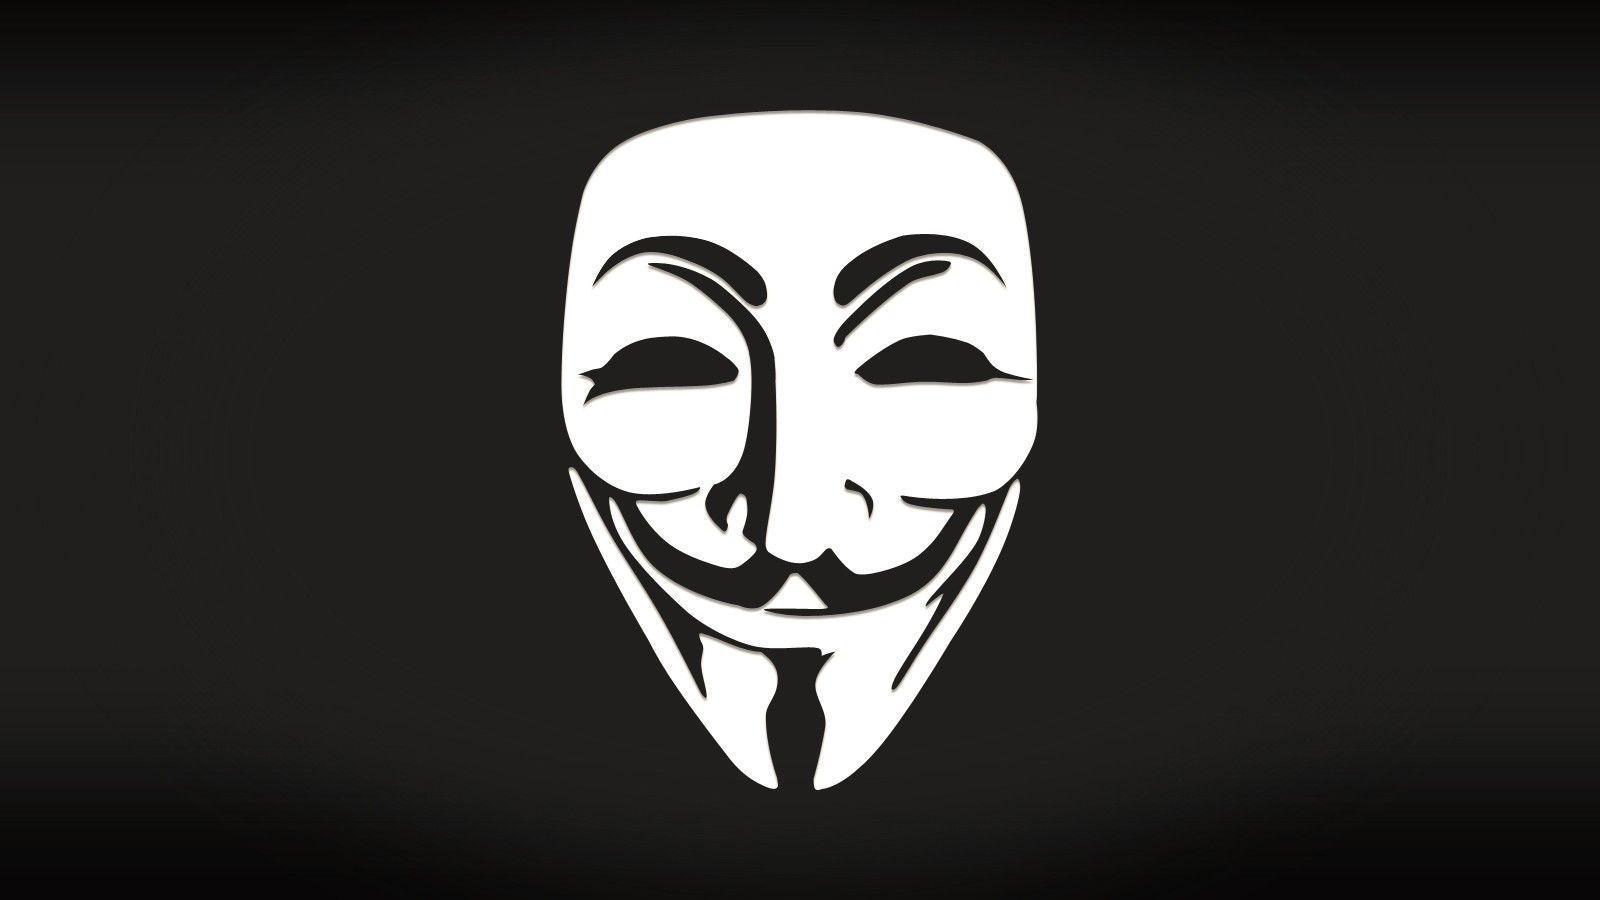 V For Vendetta Mask Wallpaper V For Vendetta Wallpap...